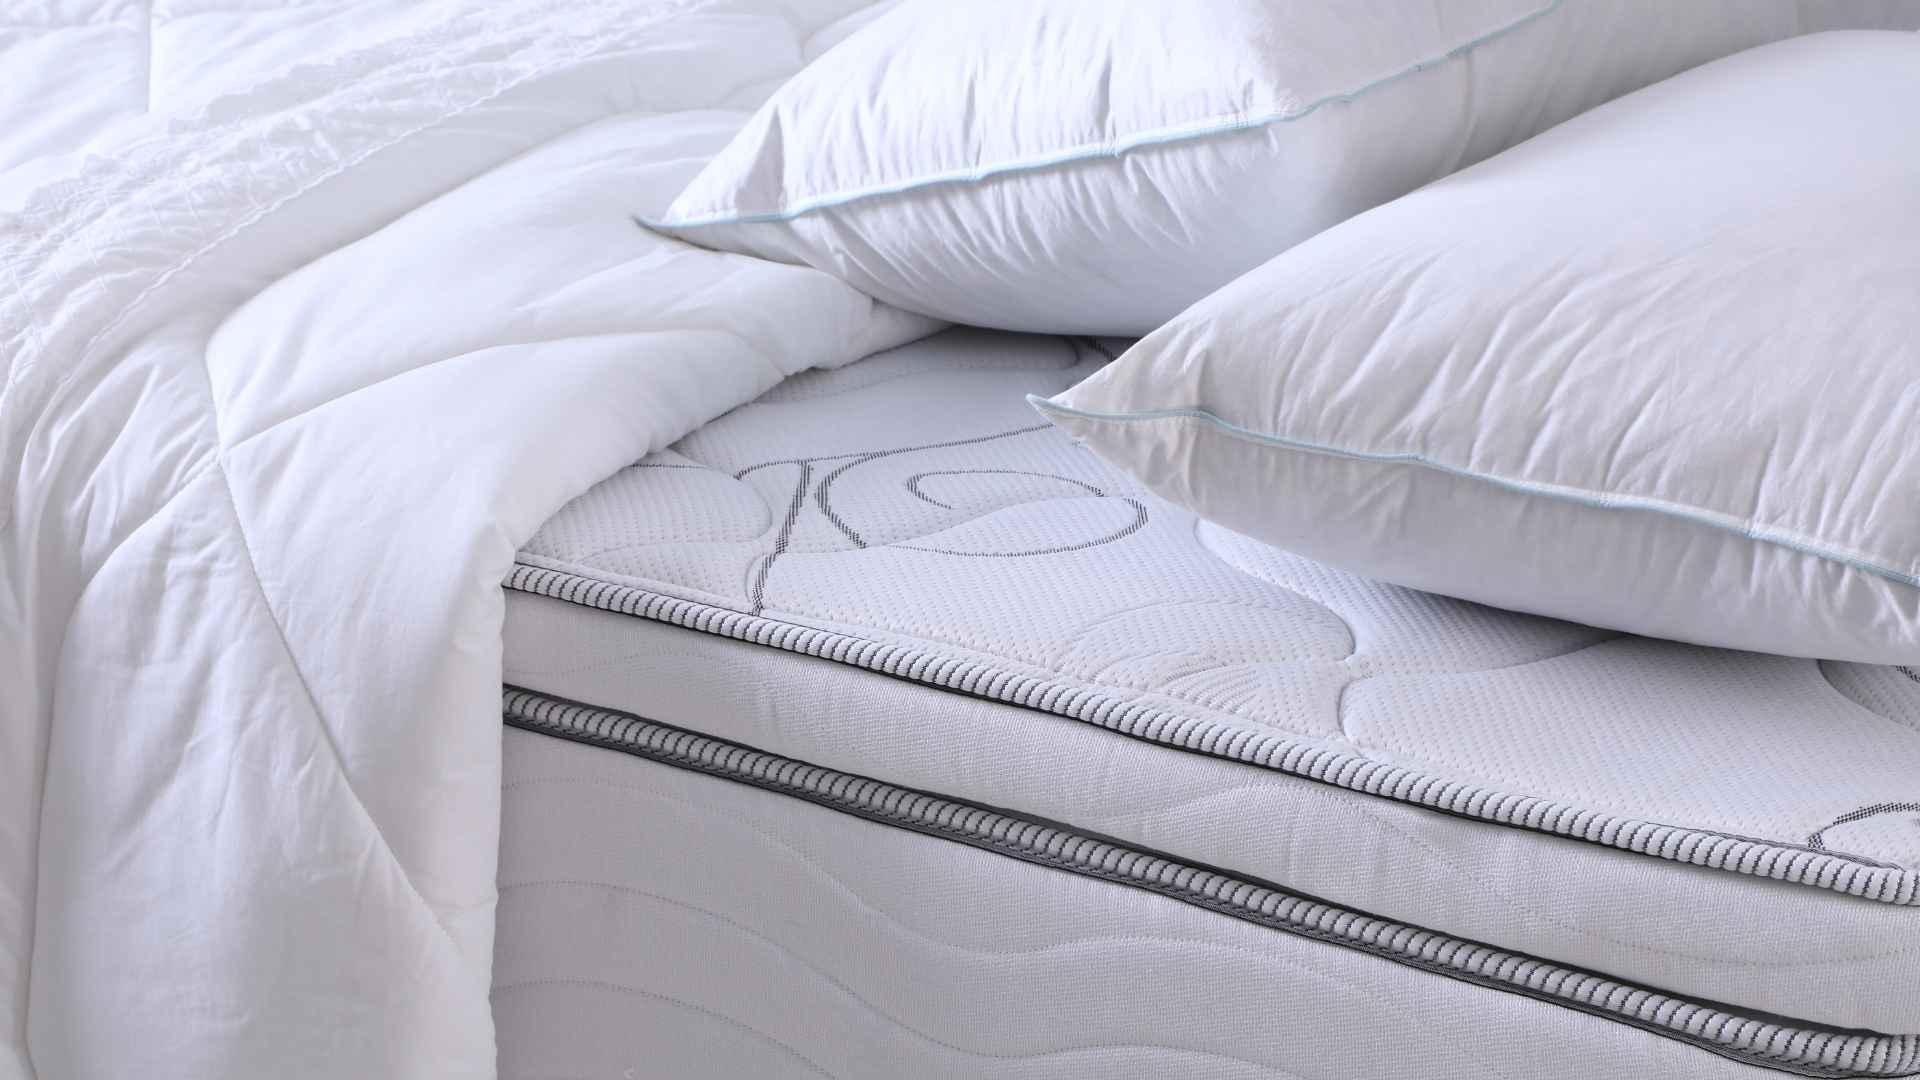 Colchão, edredom e travesseiros | westwing.com.br